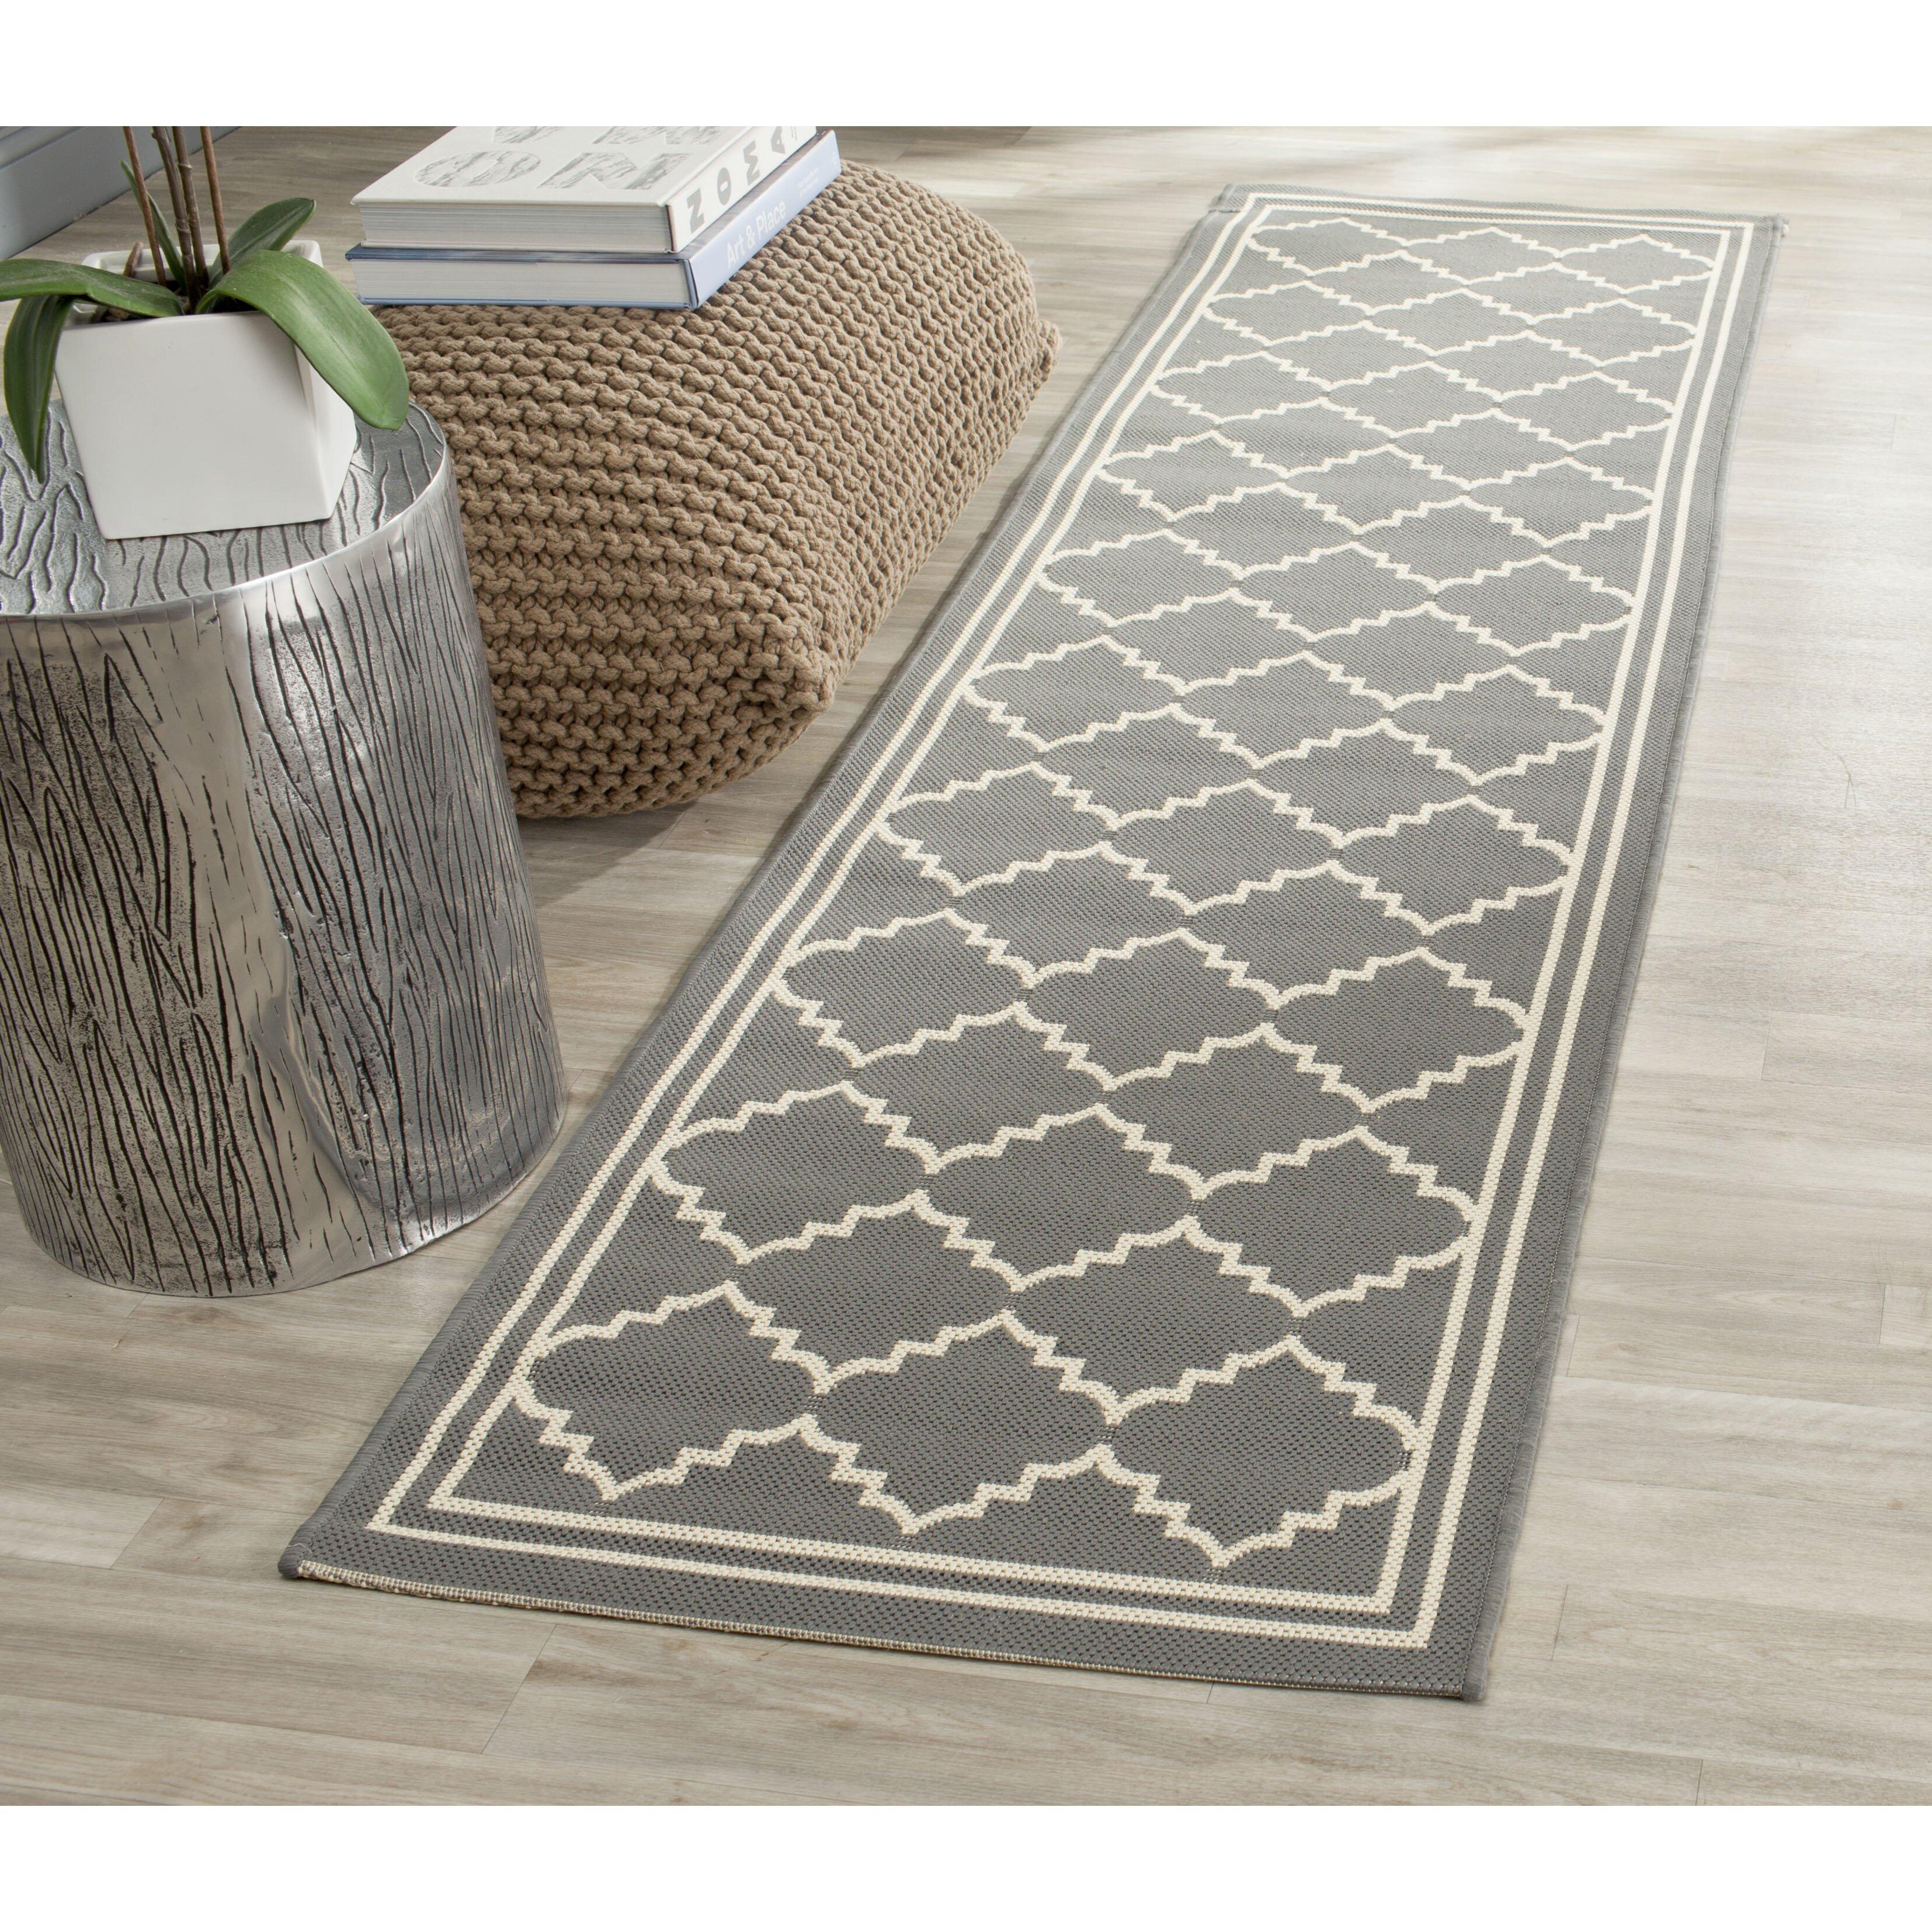 Safavieh gresham grey indoor outdoor area rug reviews for Indoor outdoor rugs uk